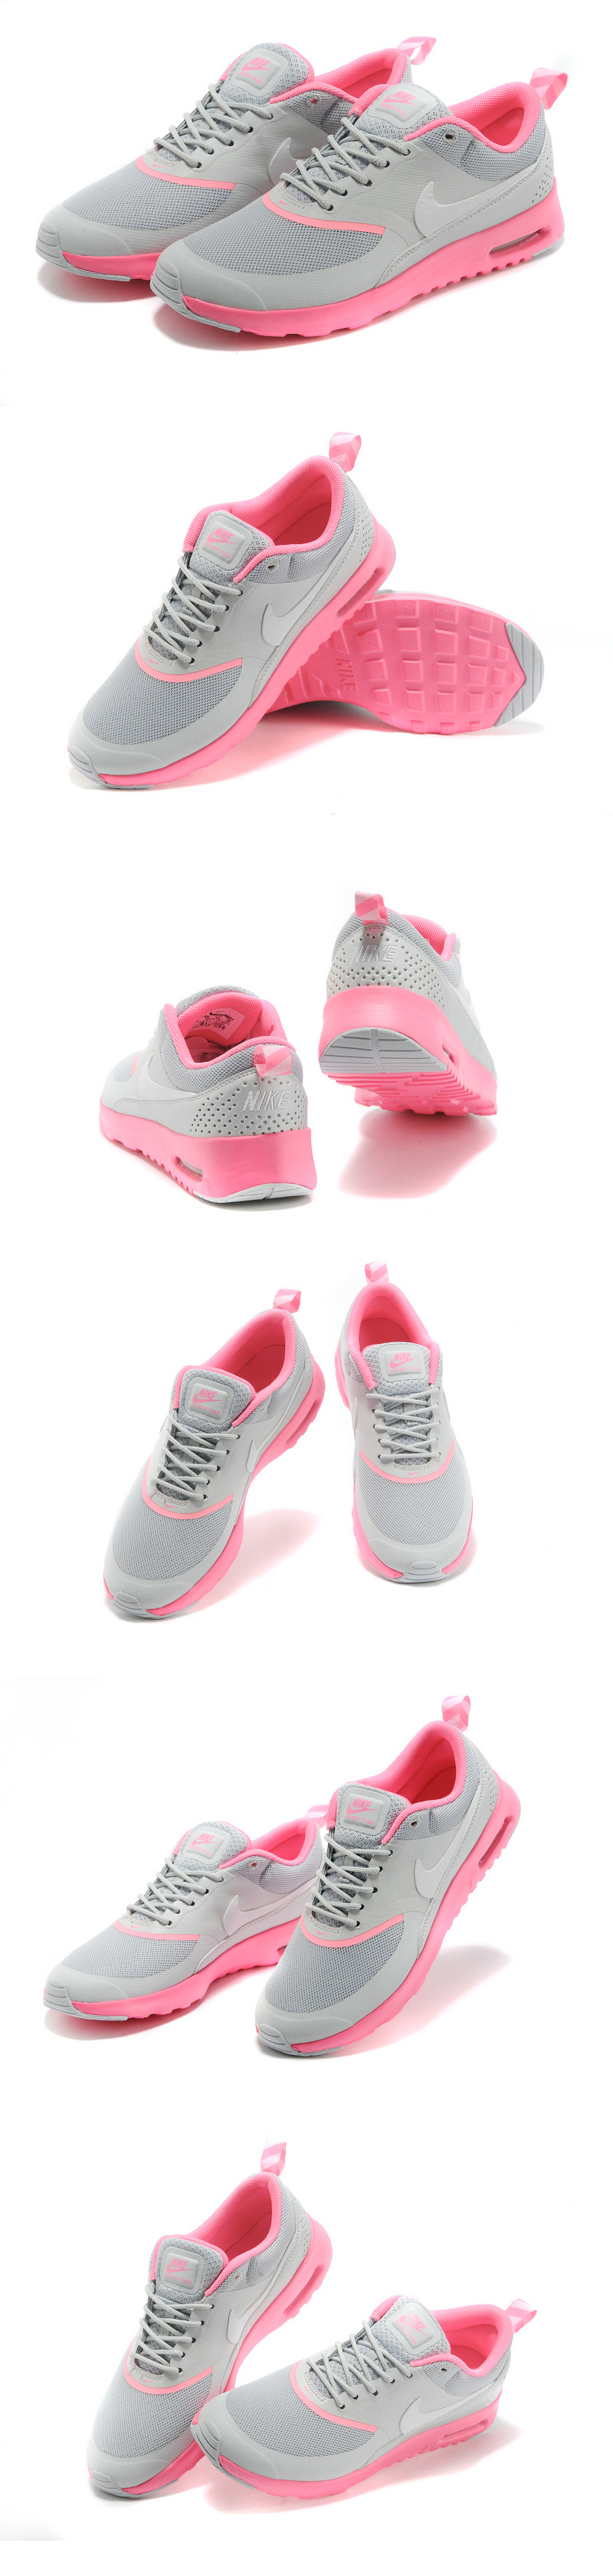 большое фото №6 Женские кроссовки Nike AIR MAX THEA серые